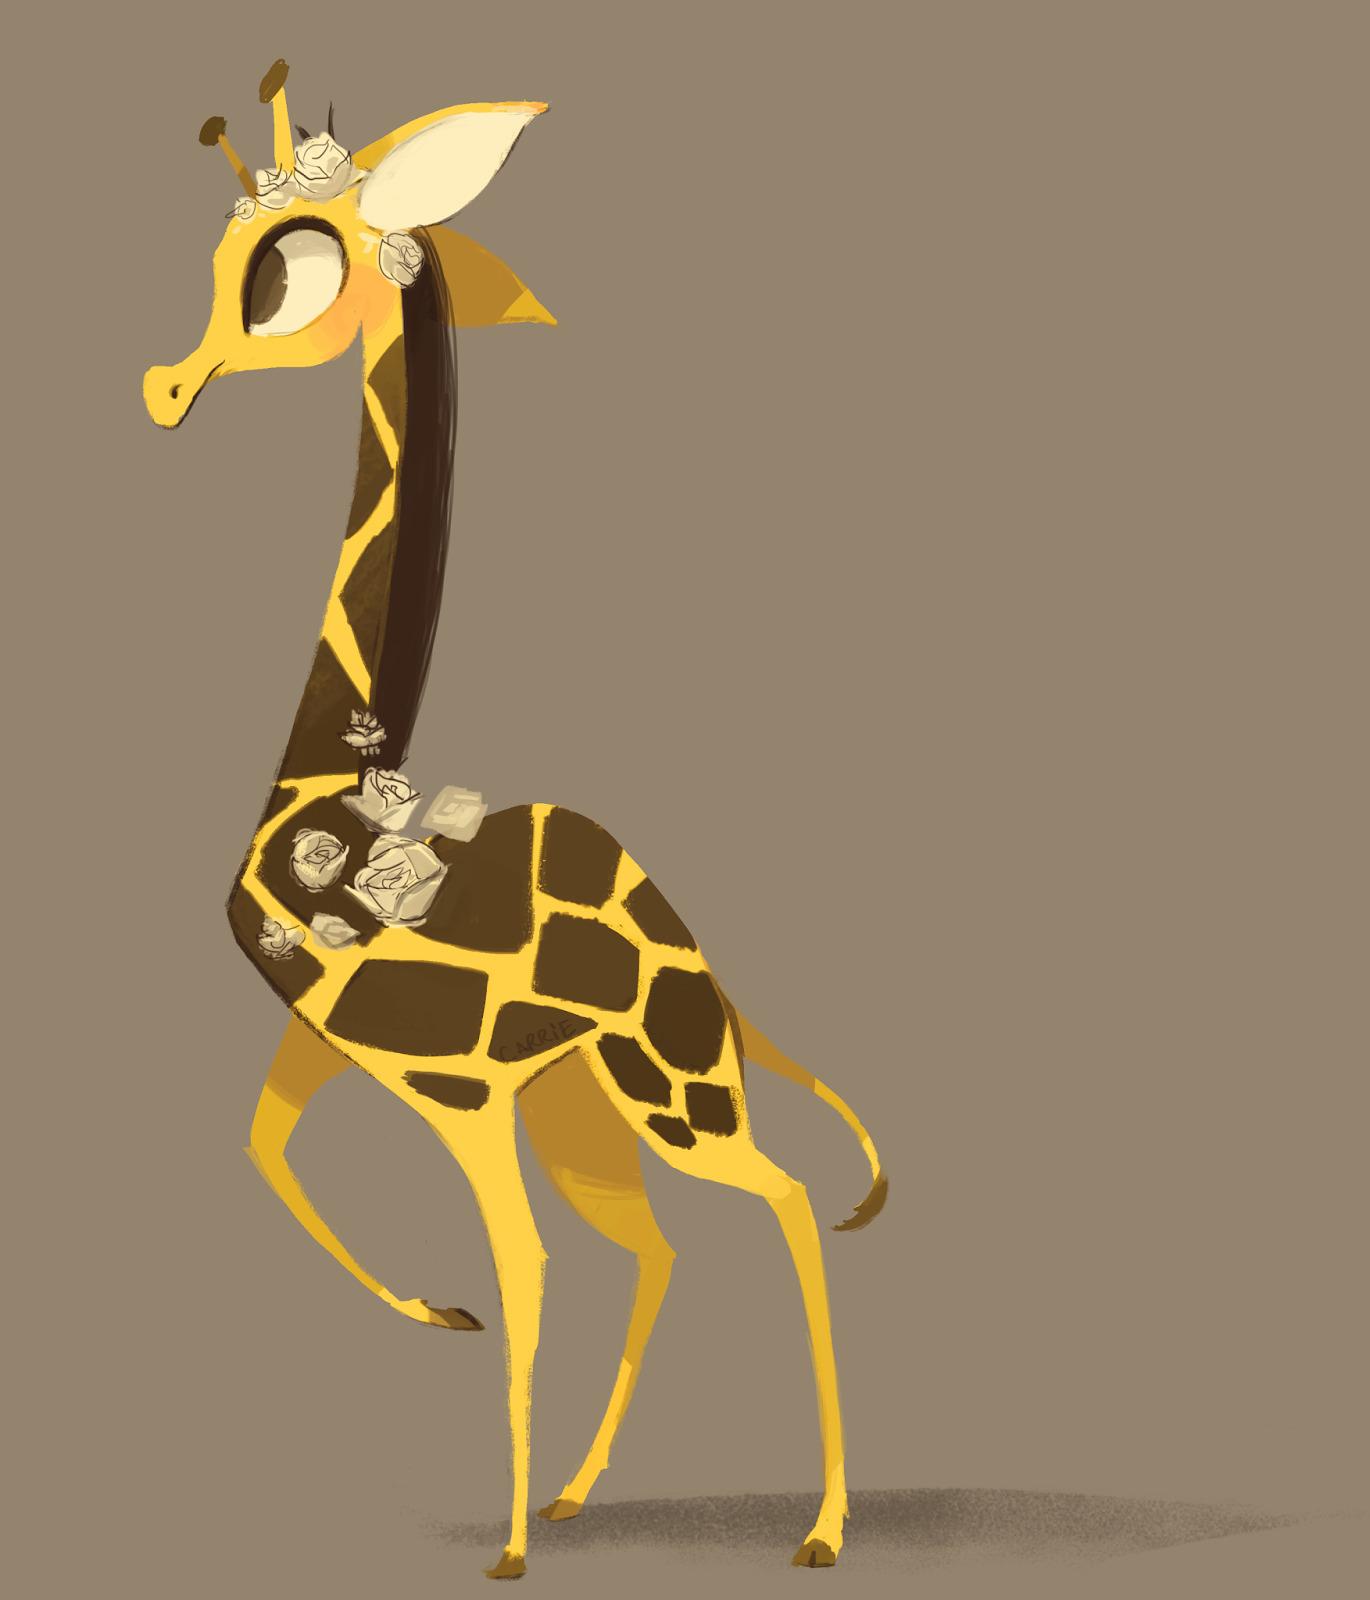 illustration, giraffe, carriehankins - carriehankins | ello